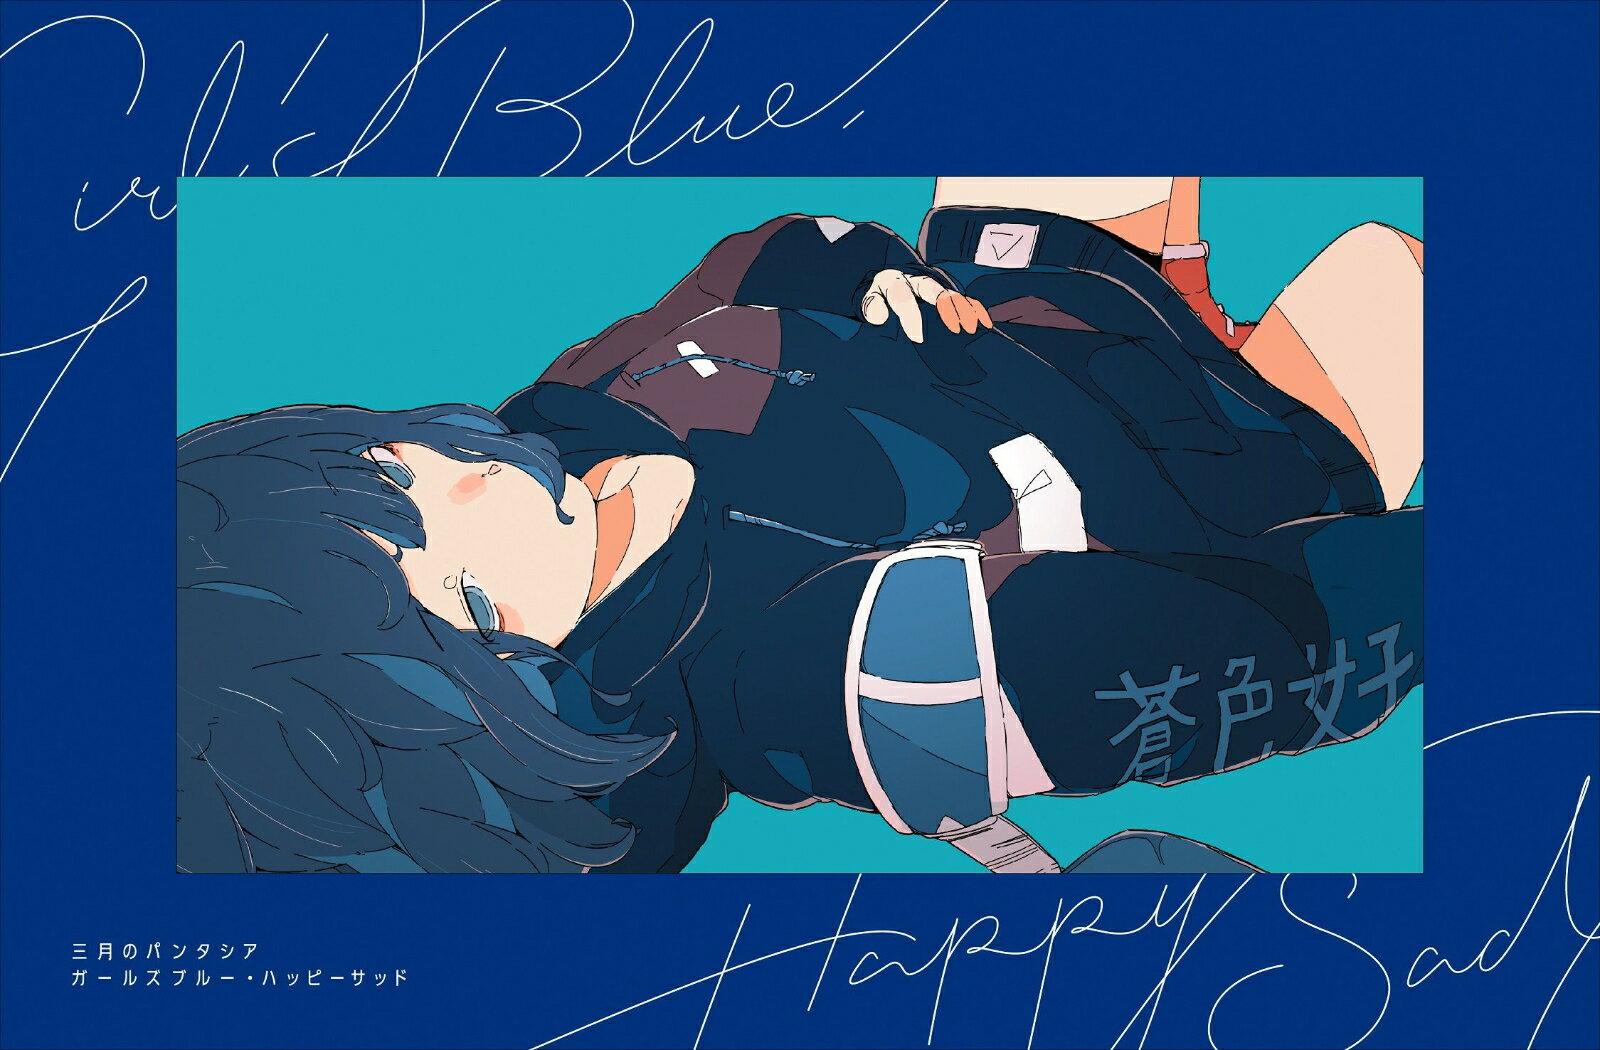 ガールズブルー・ハッピーサッド (初回限定盤 CD+Blu-ray) [ 三月のパンタシア ]